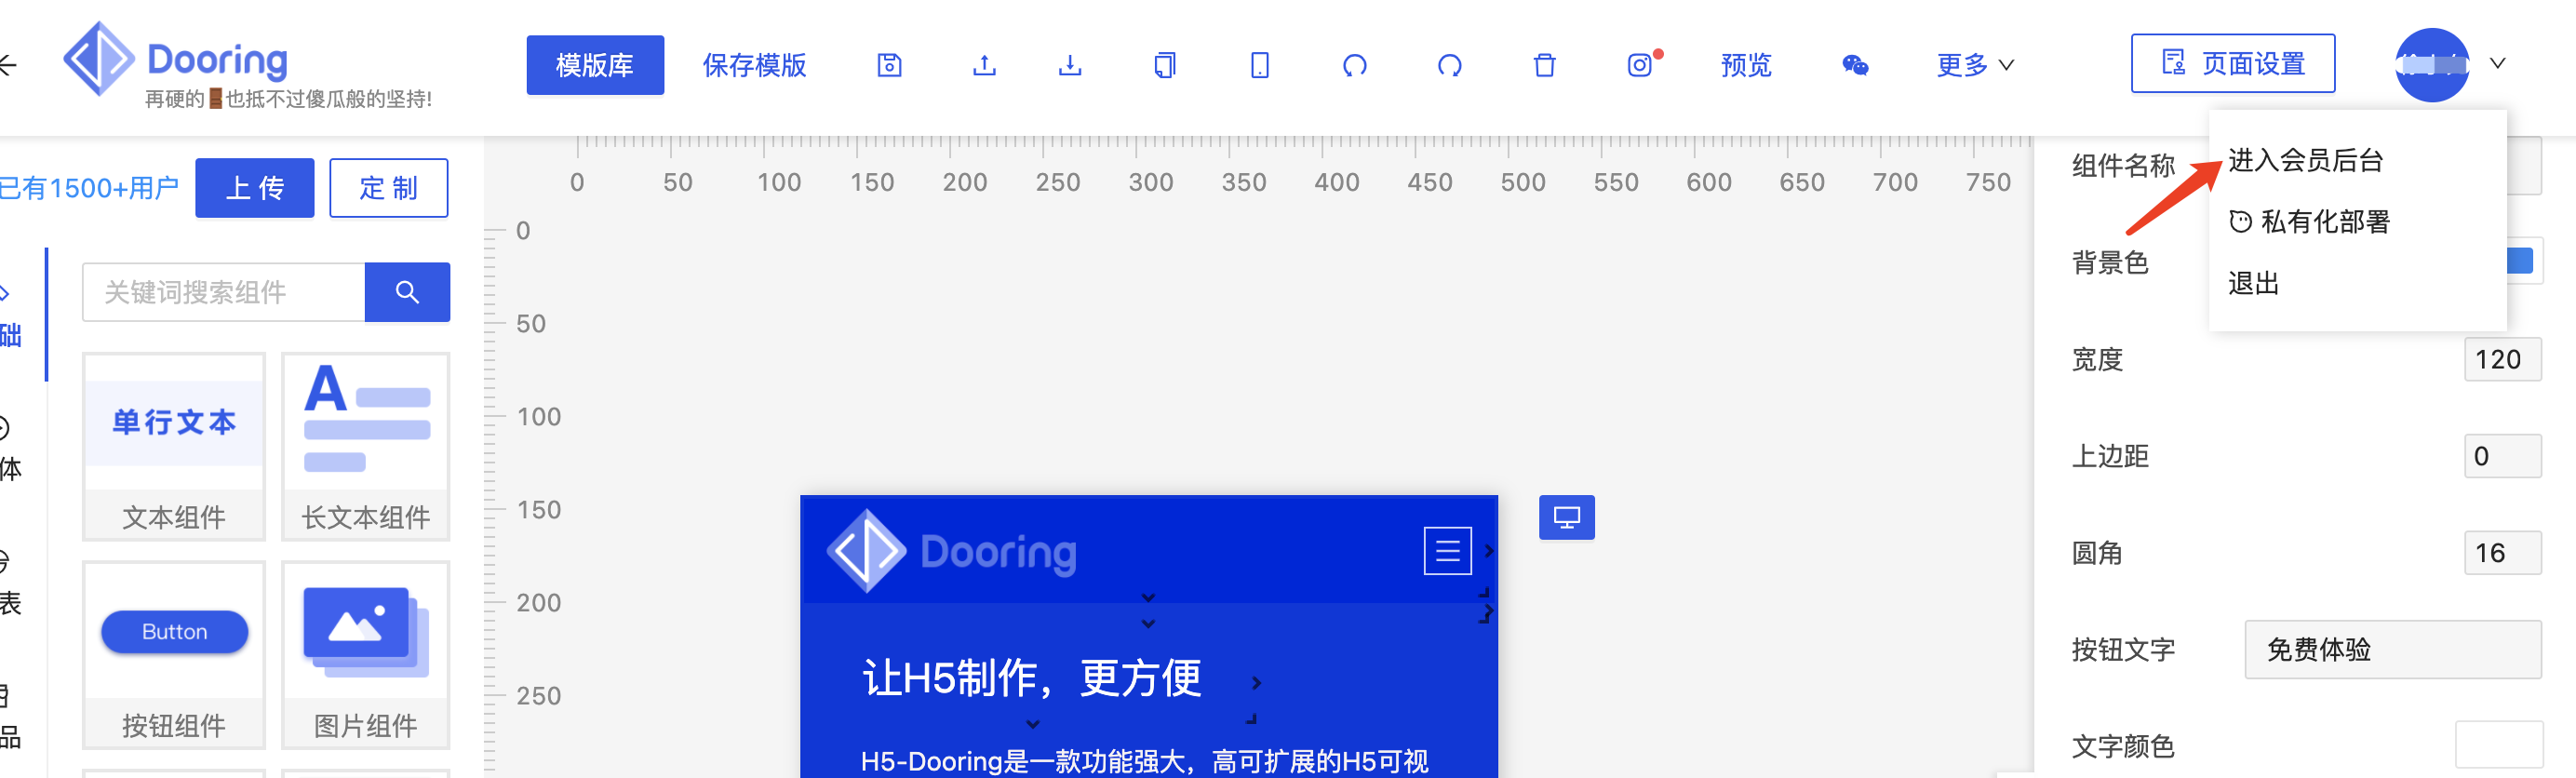 dooring